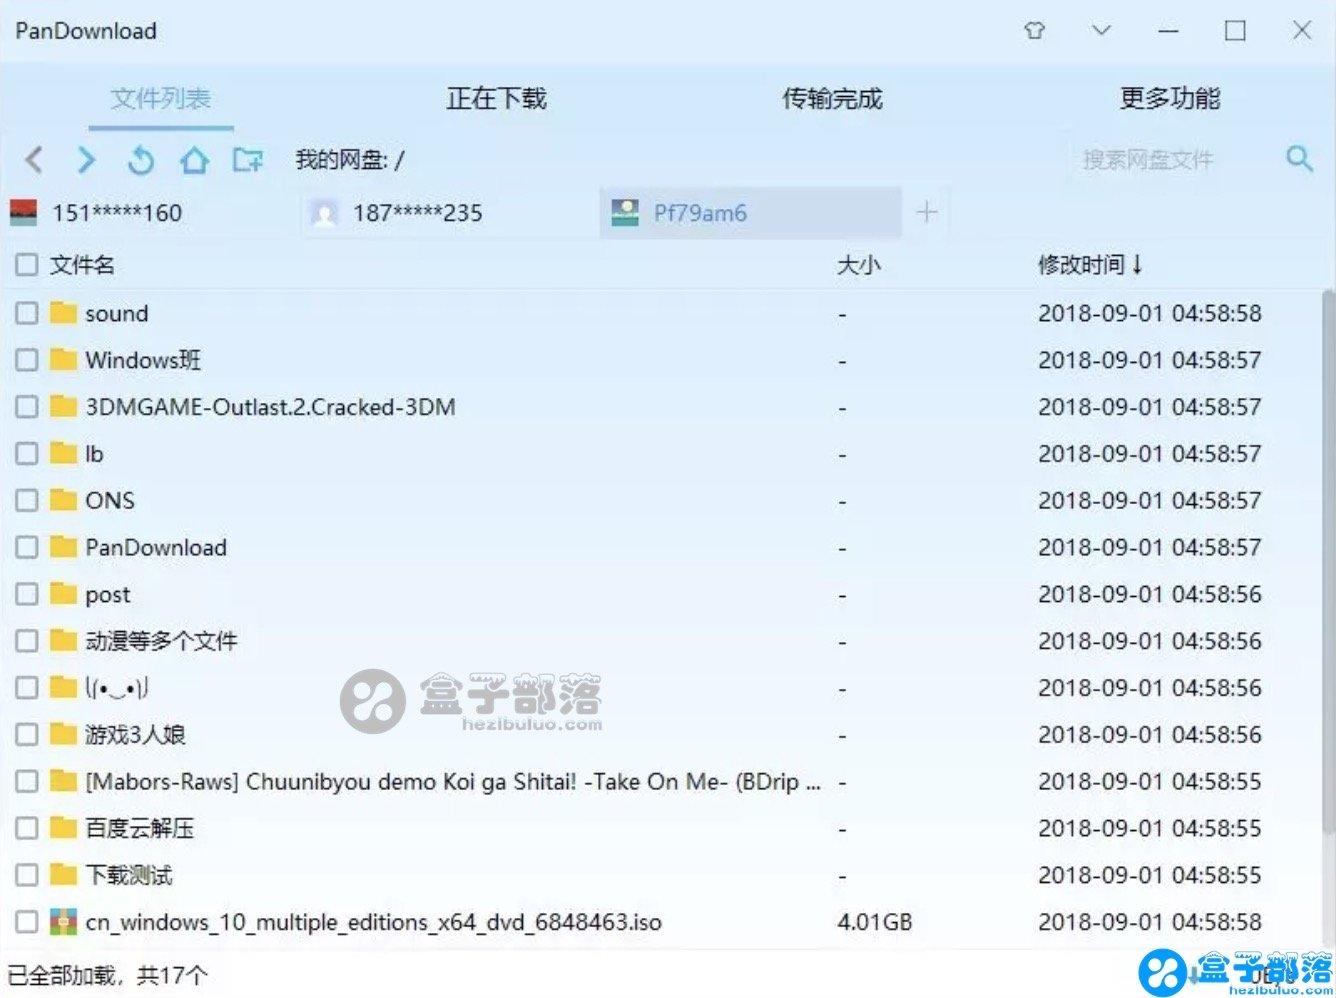 PanDownload v2.1.3 百度网盘免费高速下载器